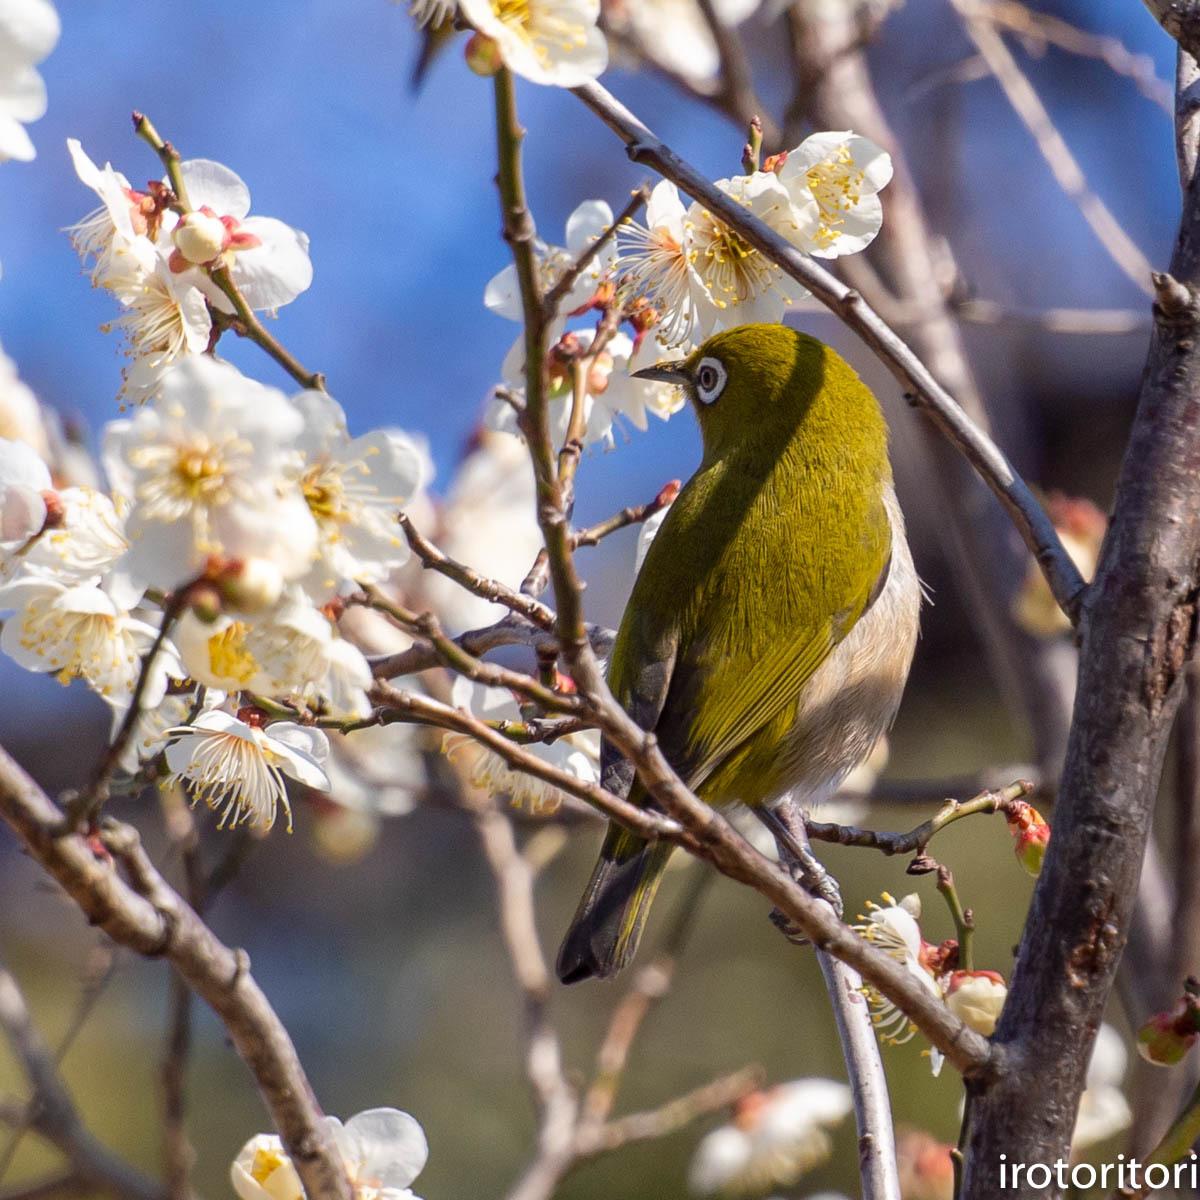 梅が咲いてました〜!!  (メジロ)  2020/02/08_d0146592_01174705.jpg